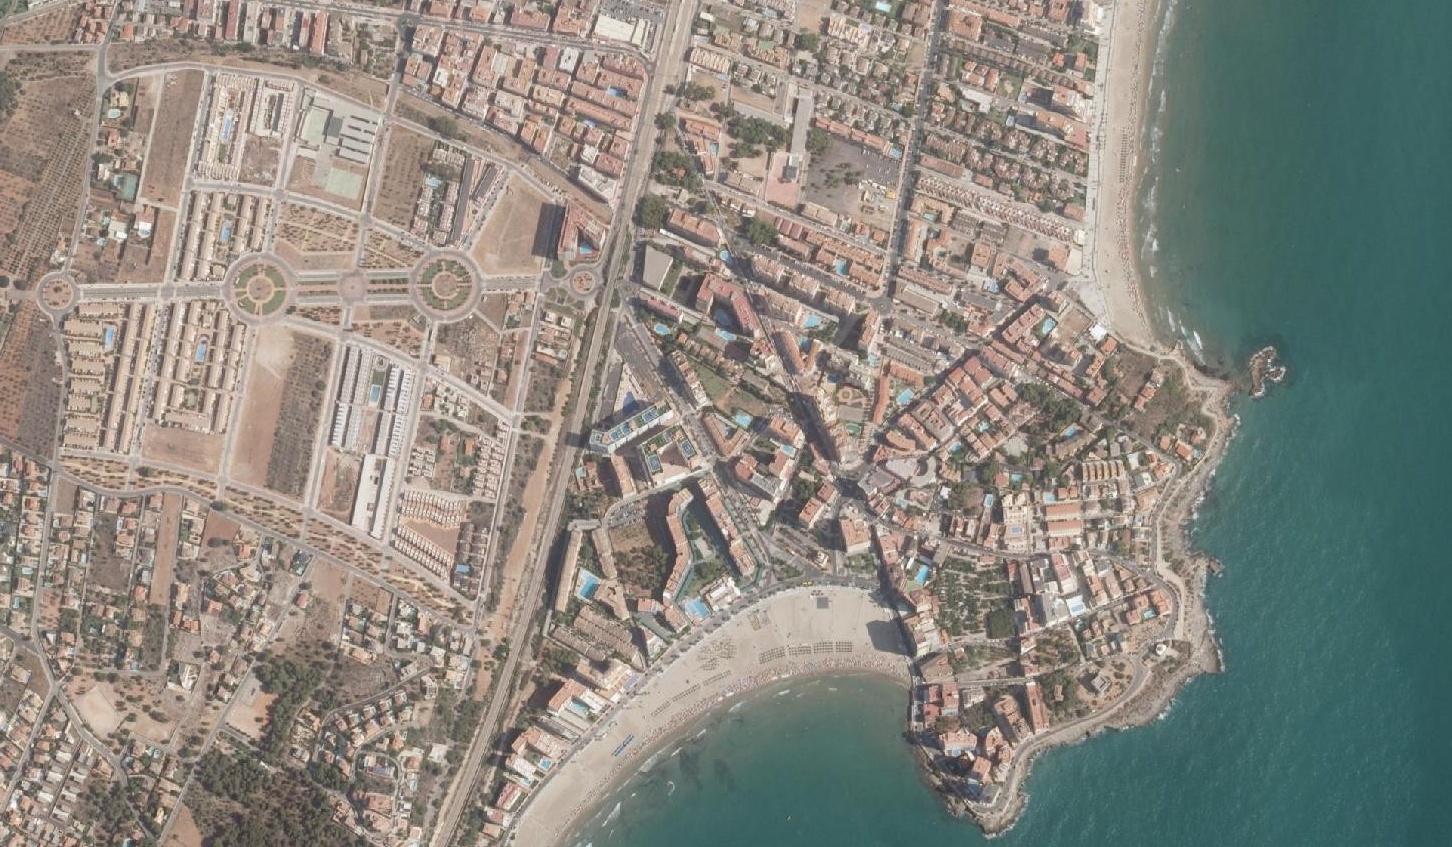 oropesa del mar, castellón, aznaresa, peticiones del oyente, después, urbanismo, planeamiento, urbano, desastre, urbanístico, construcción, rotondas, carretera